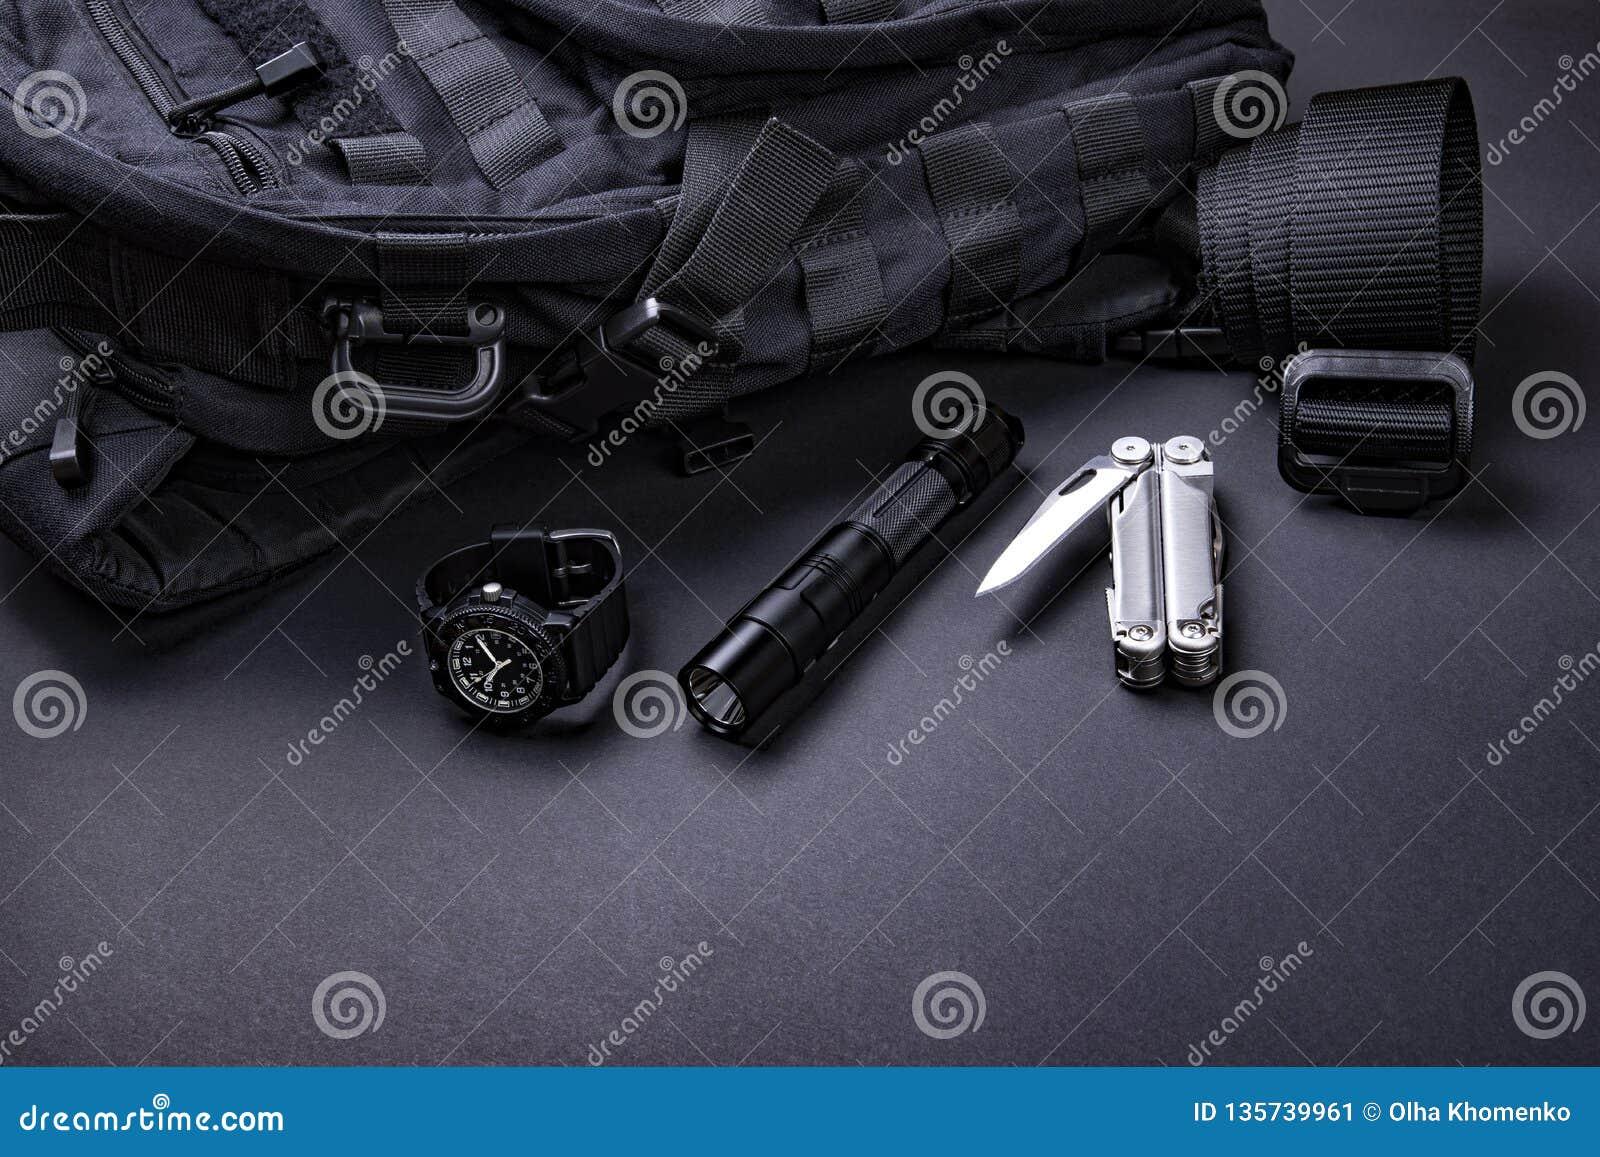 Di ogni giorno porti gli oggetti di EDC per gli uomini nel colore nero - zaino, cinghia tattica, torcia elettrica, orologio e mul